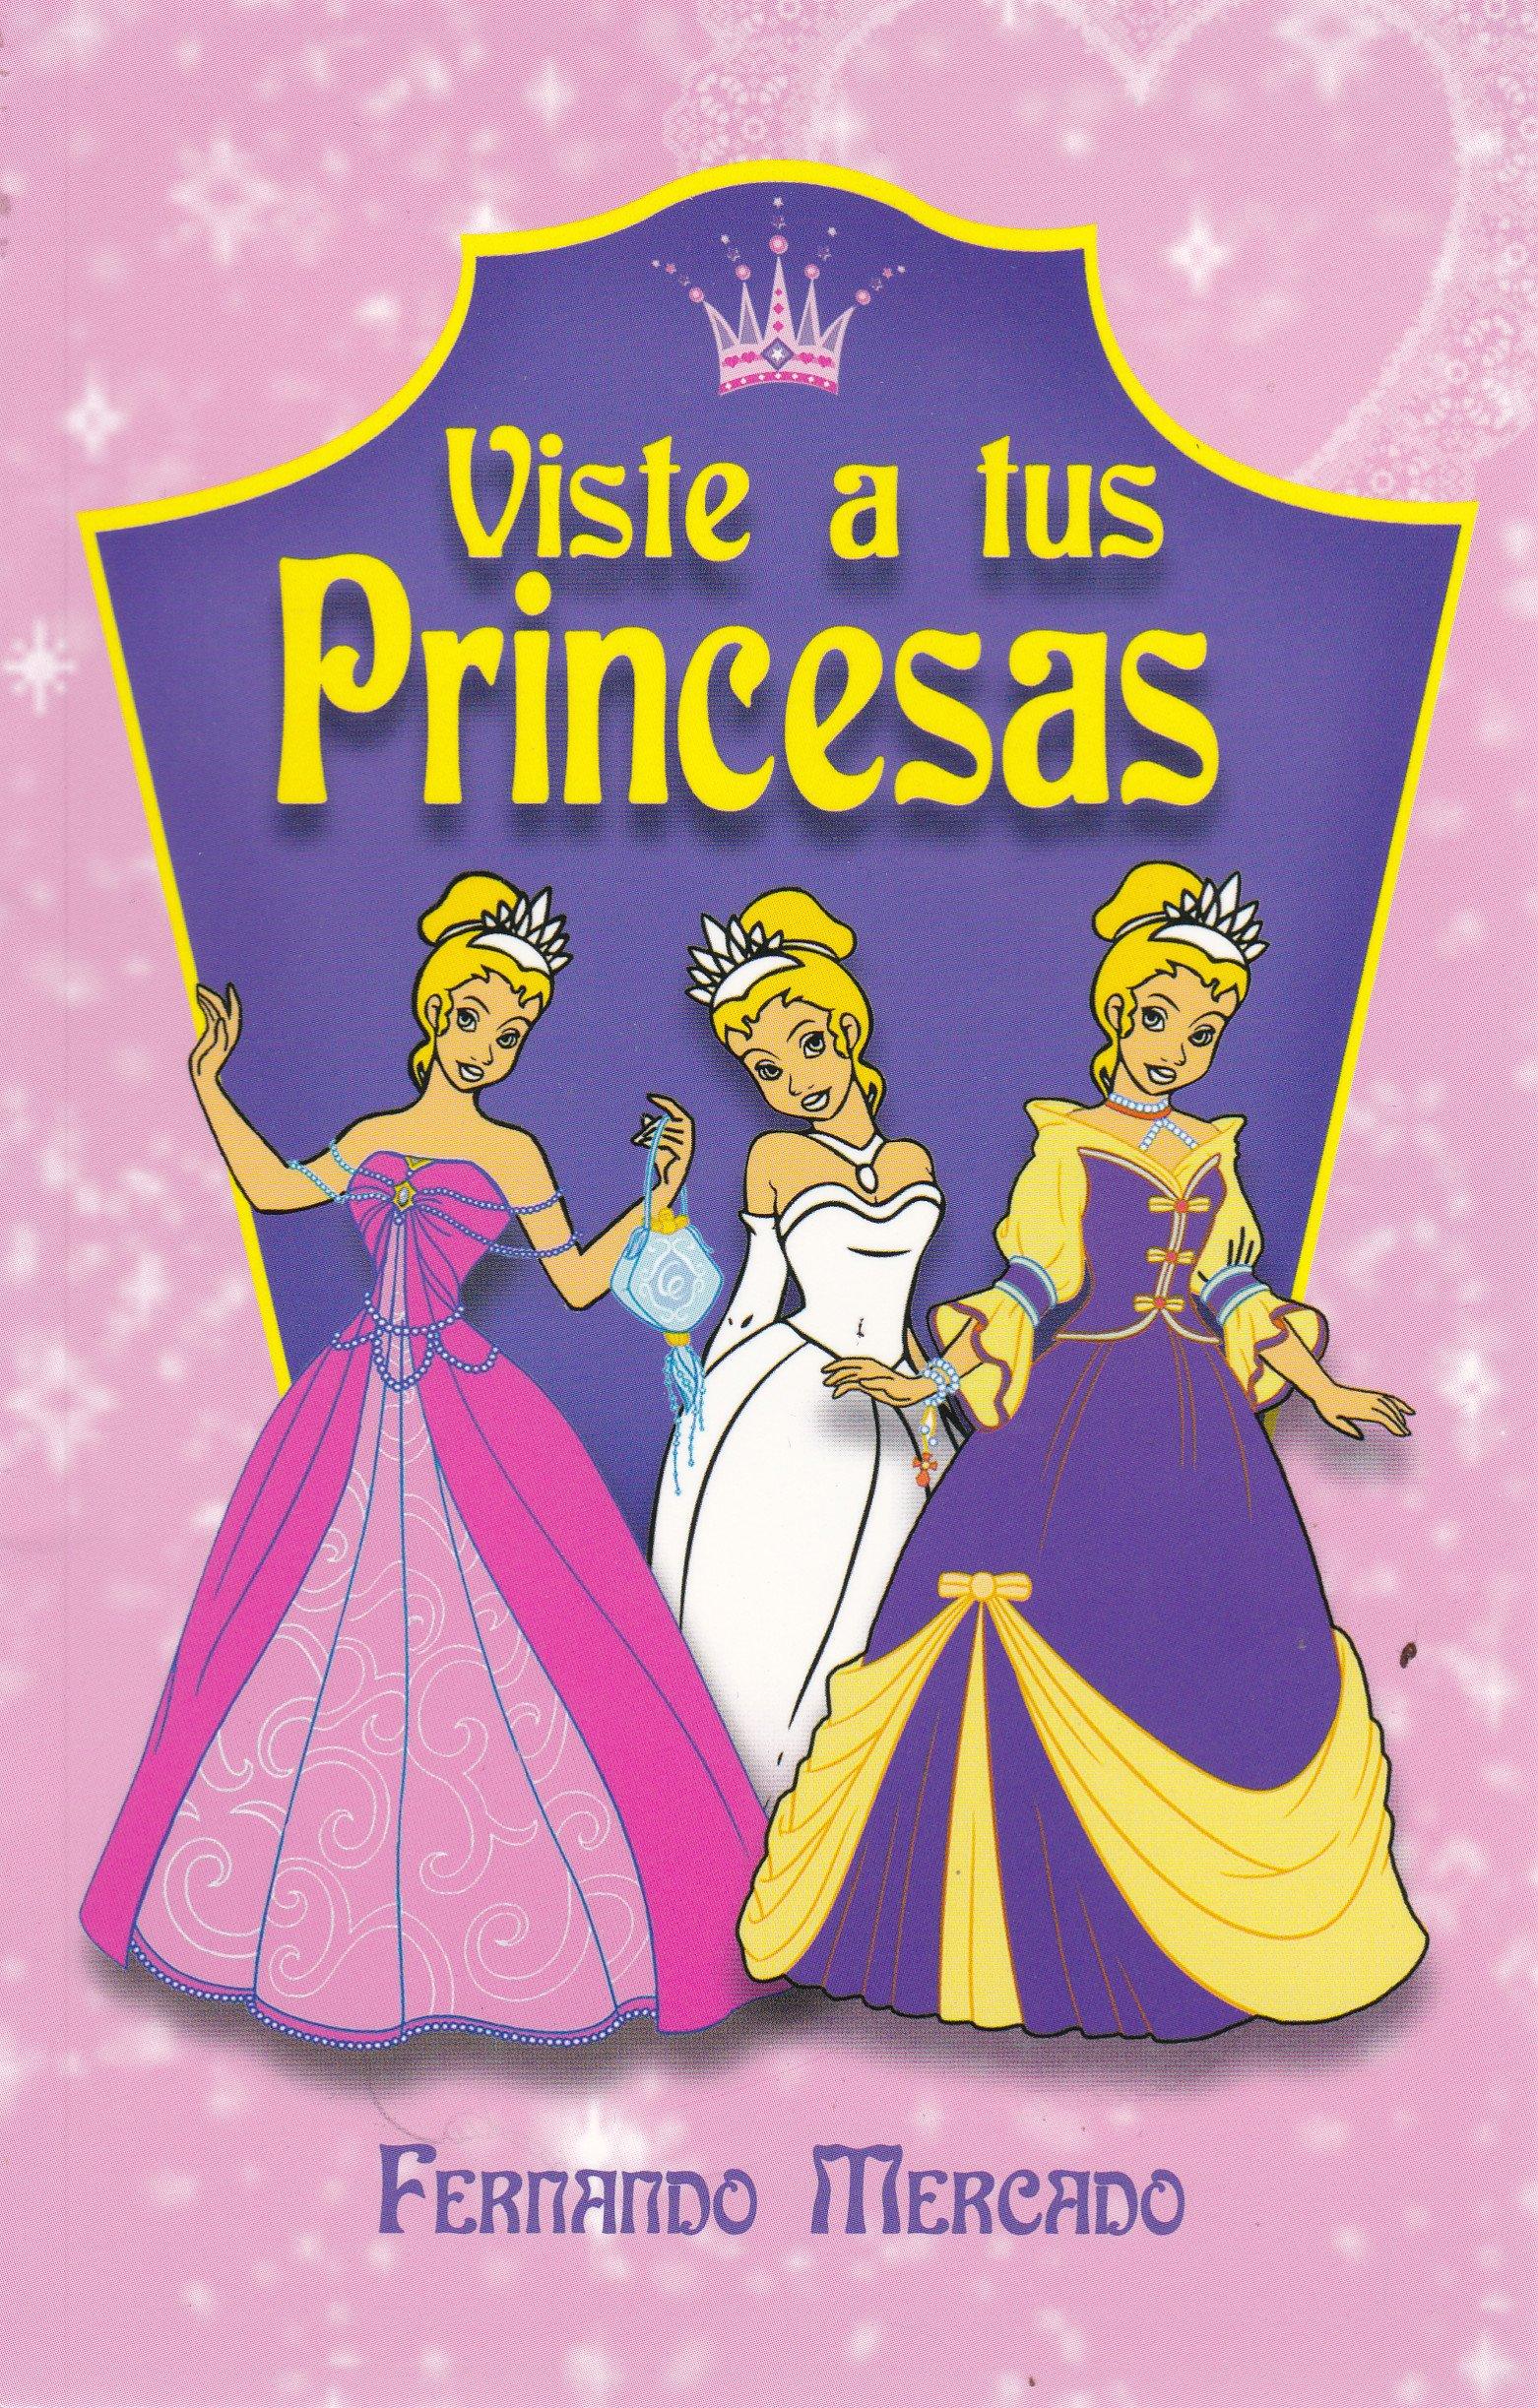 Viste a tus princesas (Spanish Edition): Fernando Mercado: 9786071407573: Amazon.com: Books